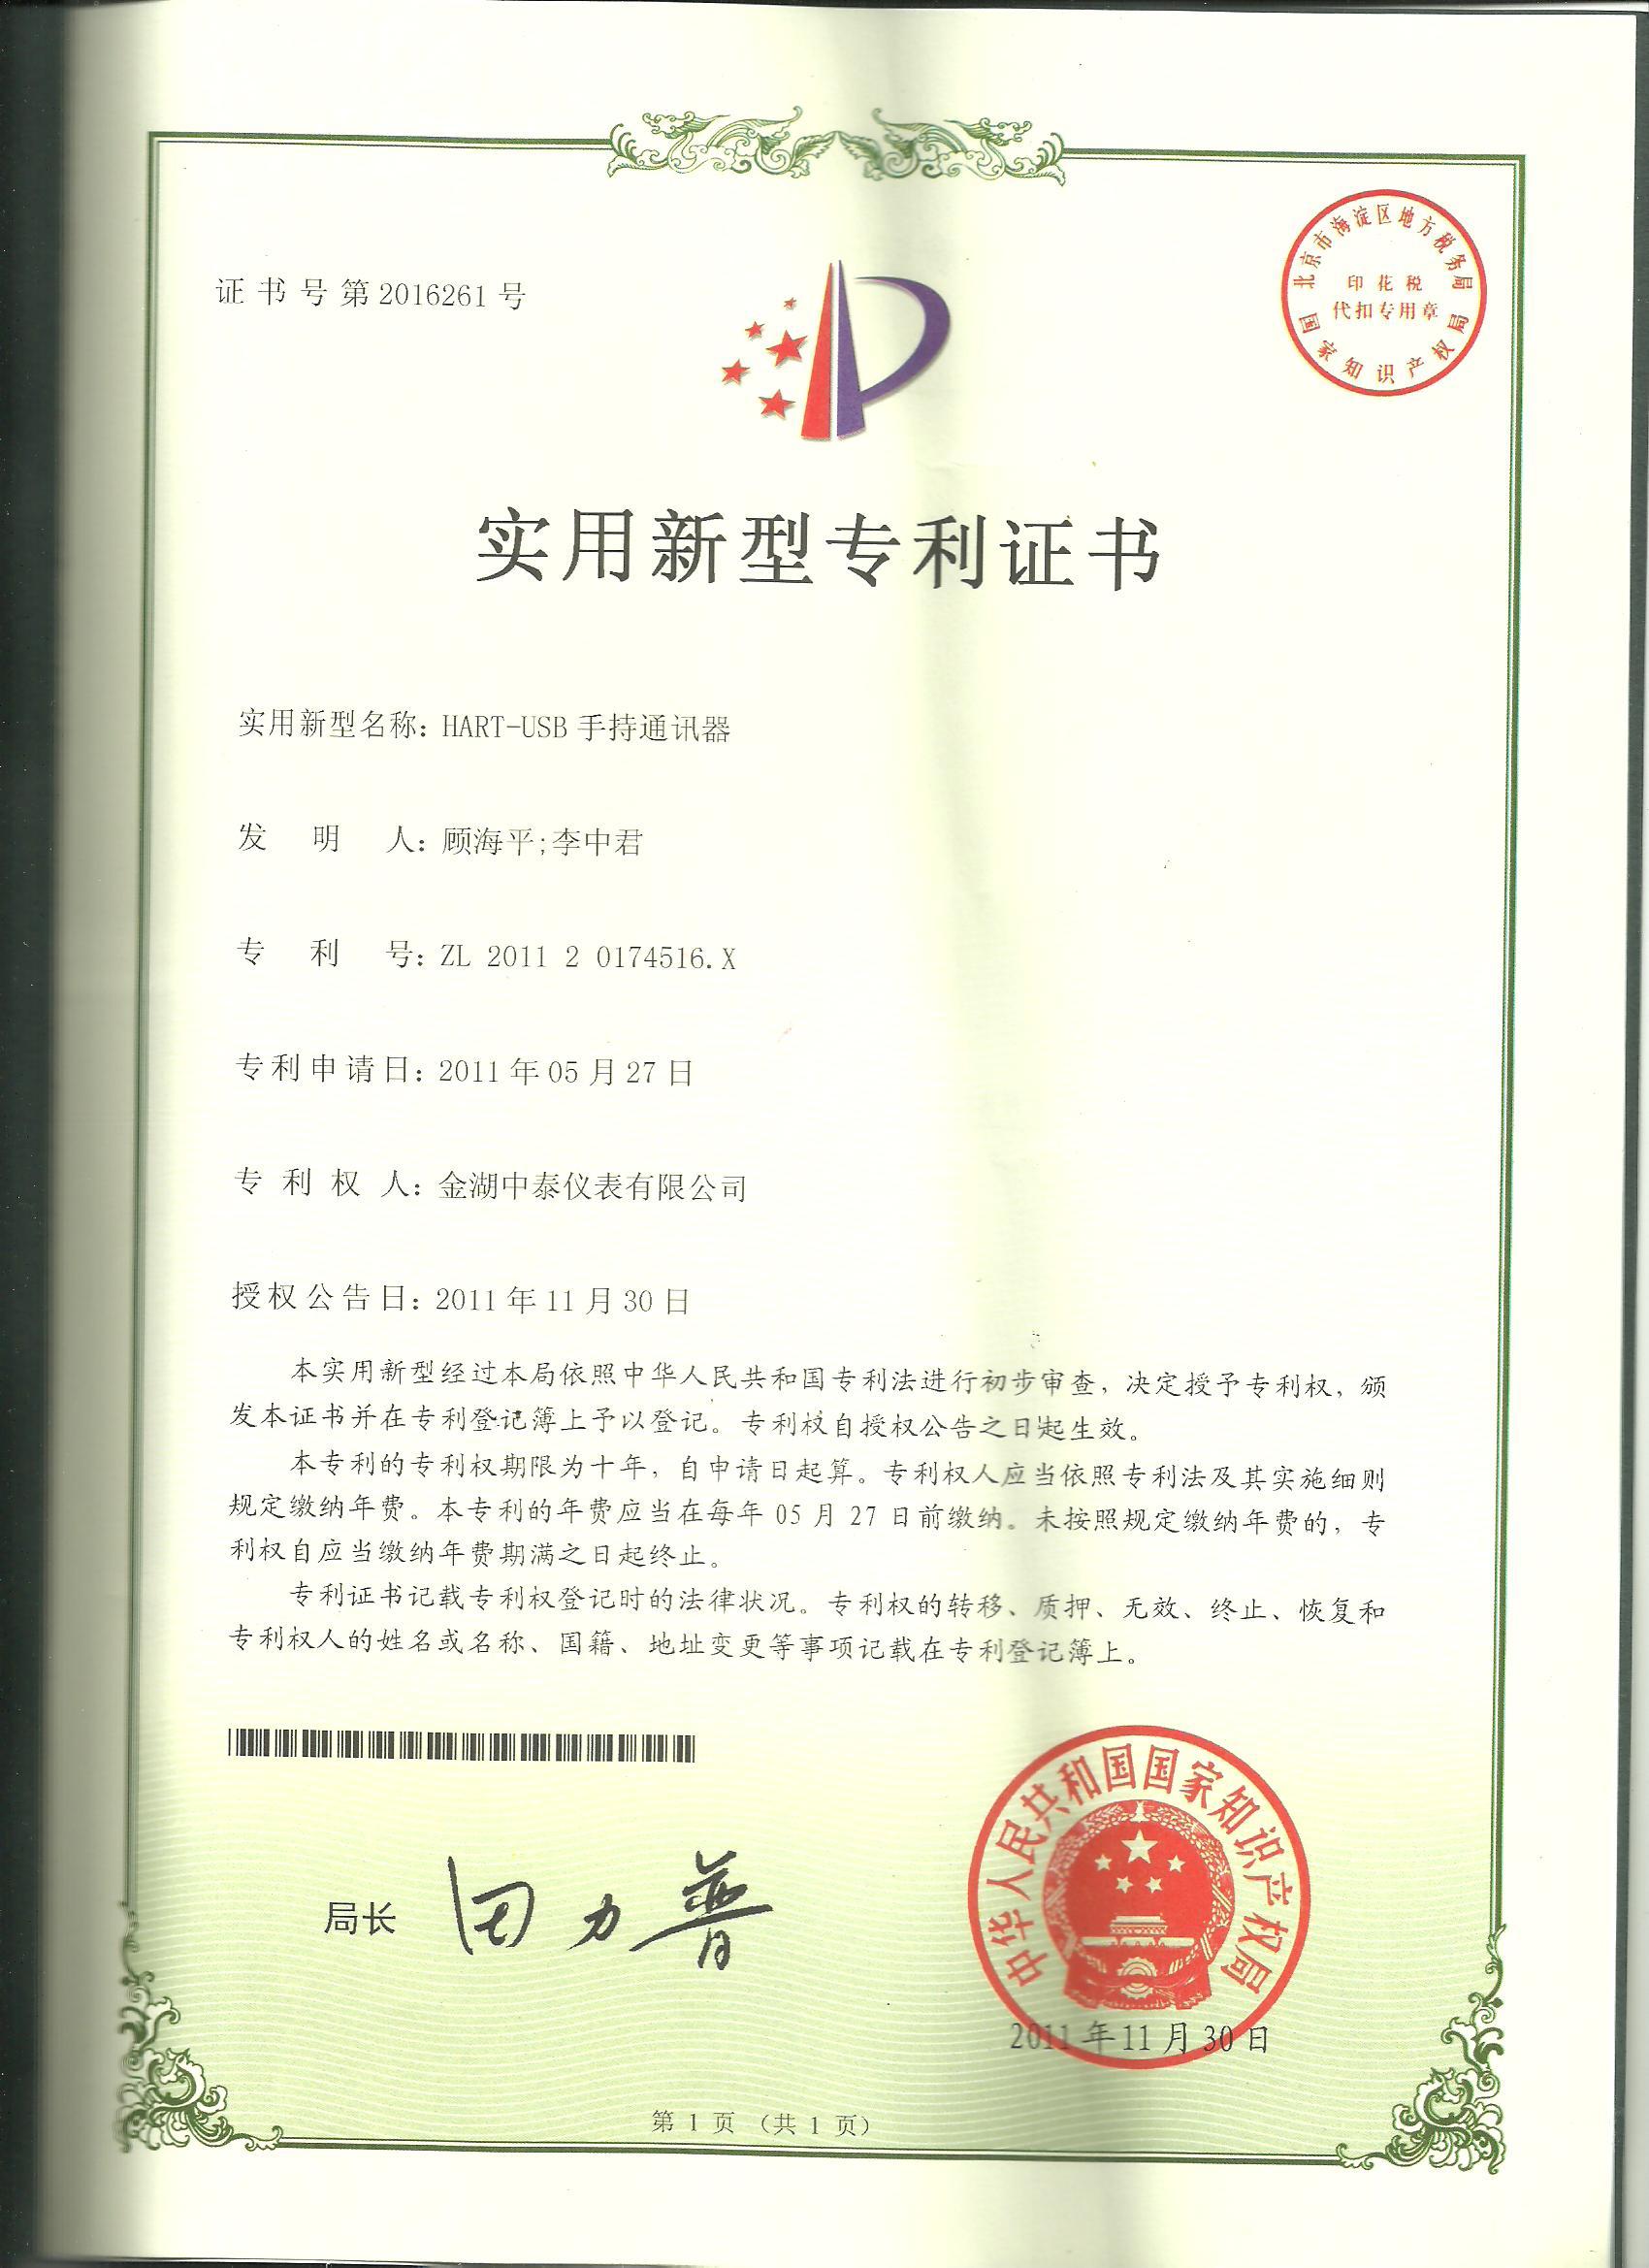 全中文液晶显示HART475手操器,内置哈特猫金湖中泰厂家直供 HART475手操器,HART475手持通讯器,HART475协议手操器,HART475gf手操器,HART475通讯器